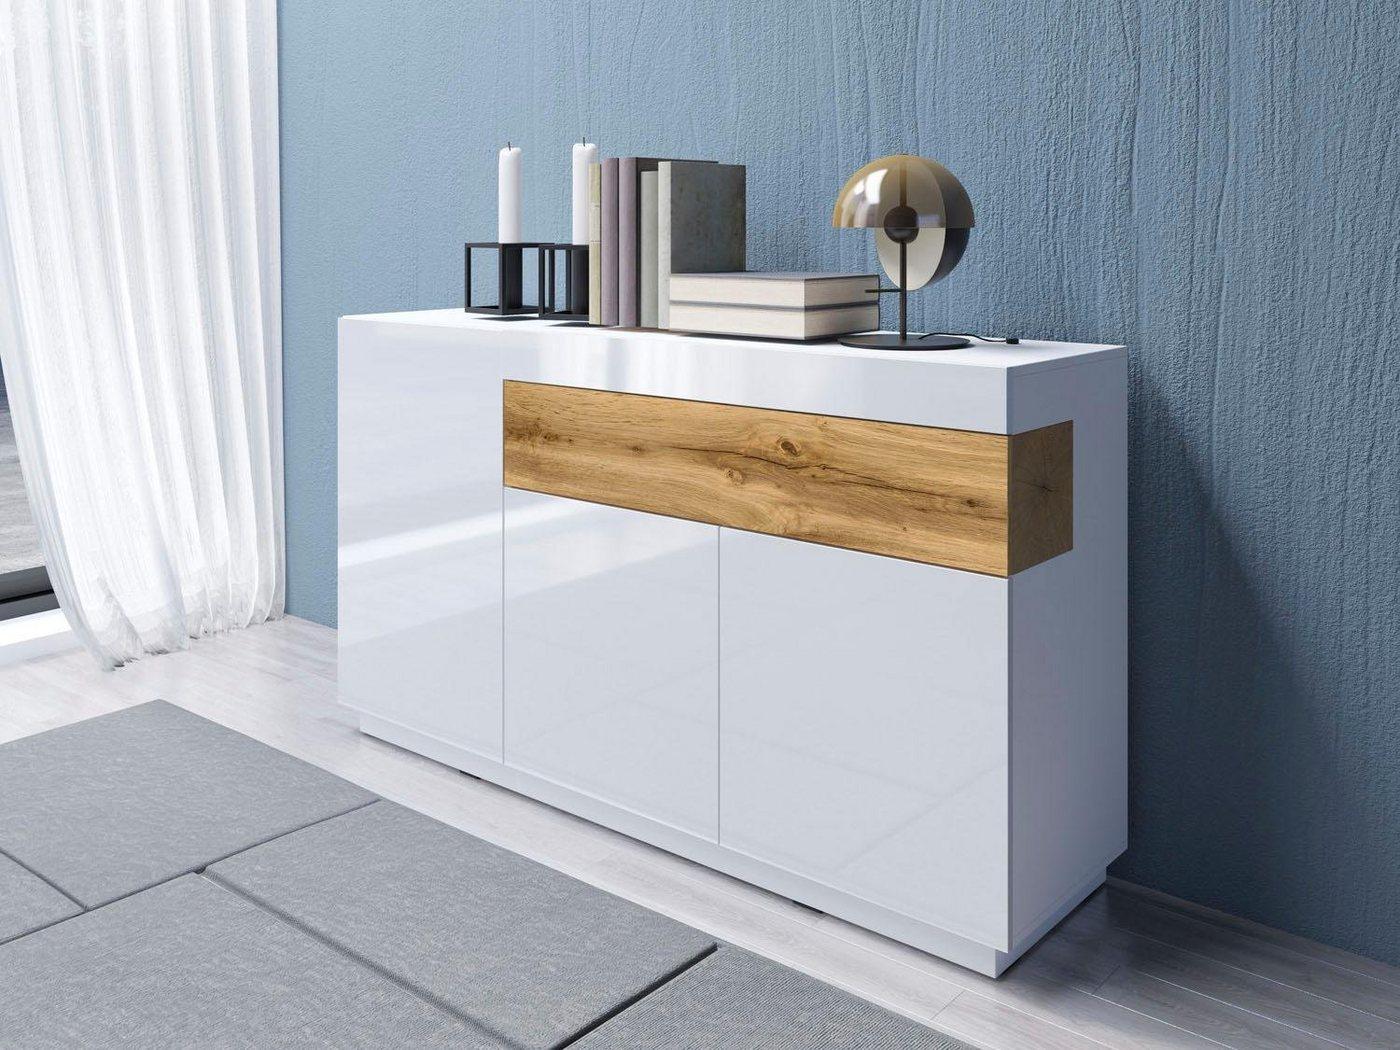 Sideboard SILKE  Breite 150 cm weiß   05900488560056